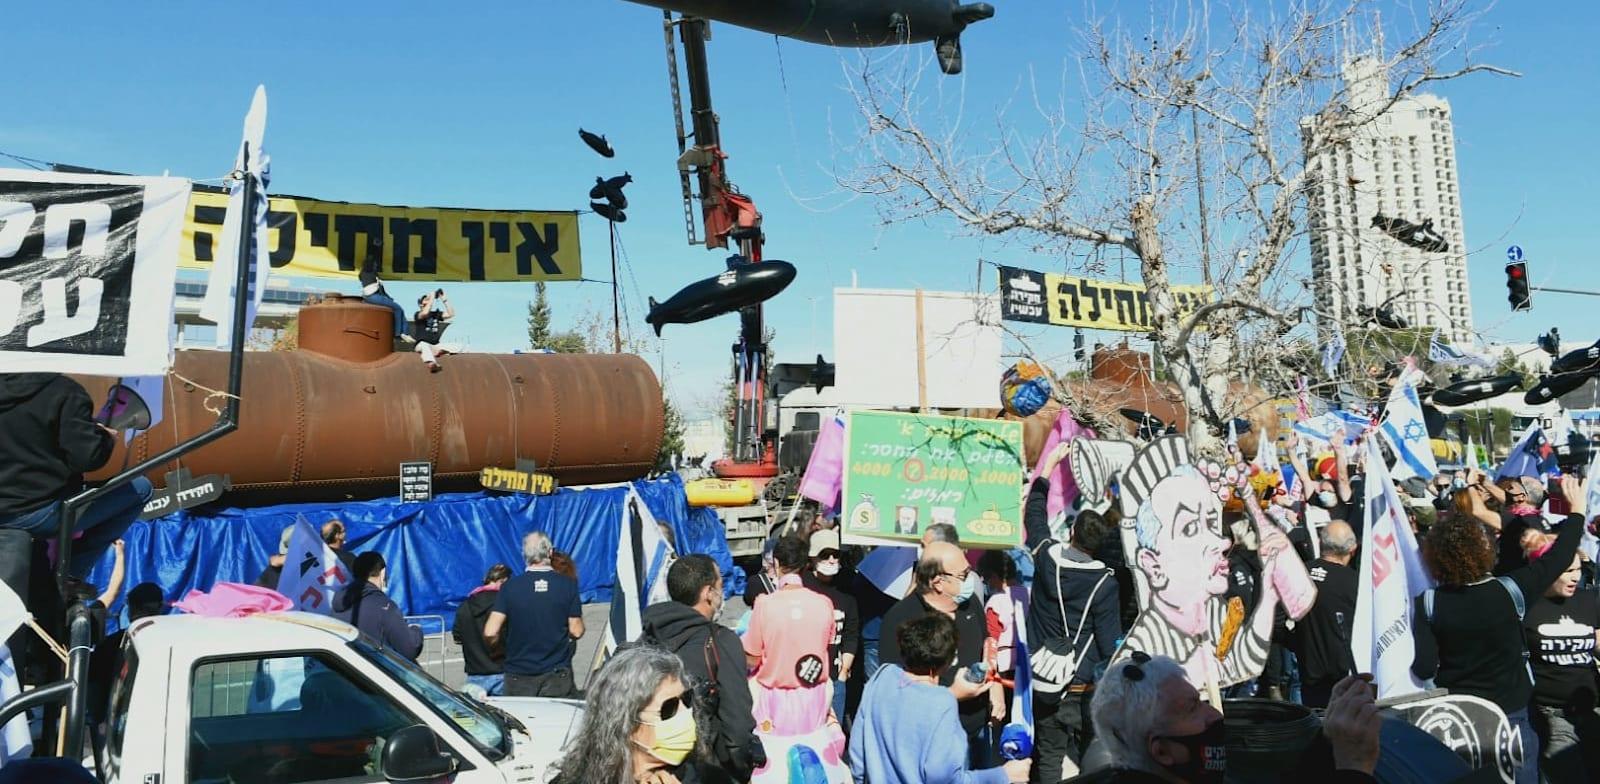 הפגנה מחוץ לבית המשפט העליון בדרישה לפתוח בחקירה פלילית נגד ראש הממשלה בנימין נתניהו בפרשת הצוללות / צילום: רפי קוץ